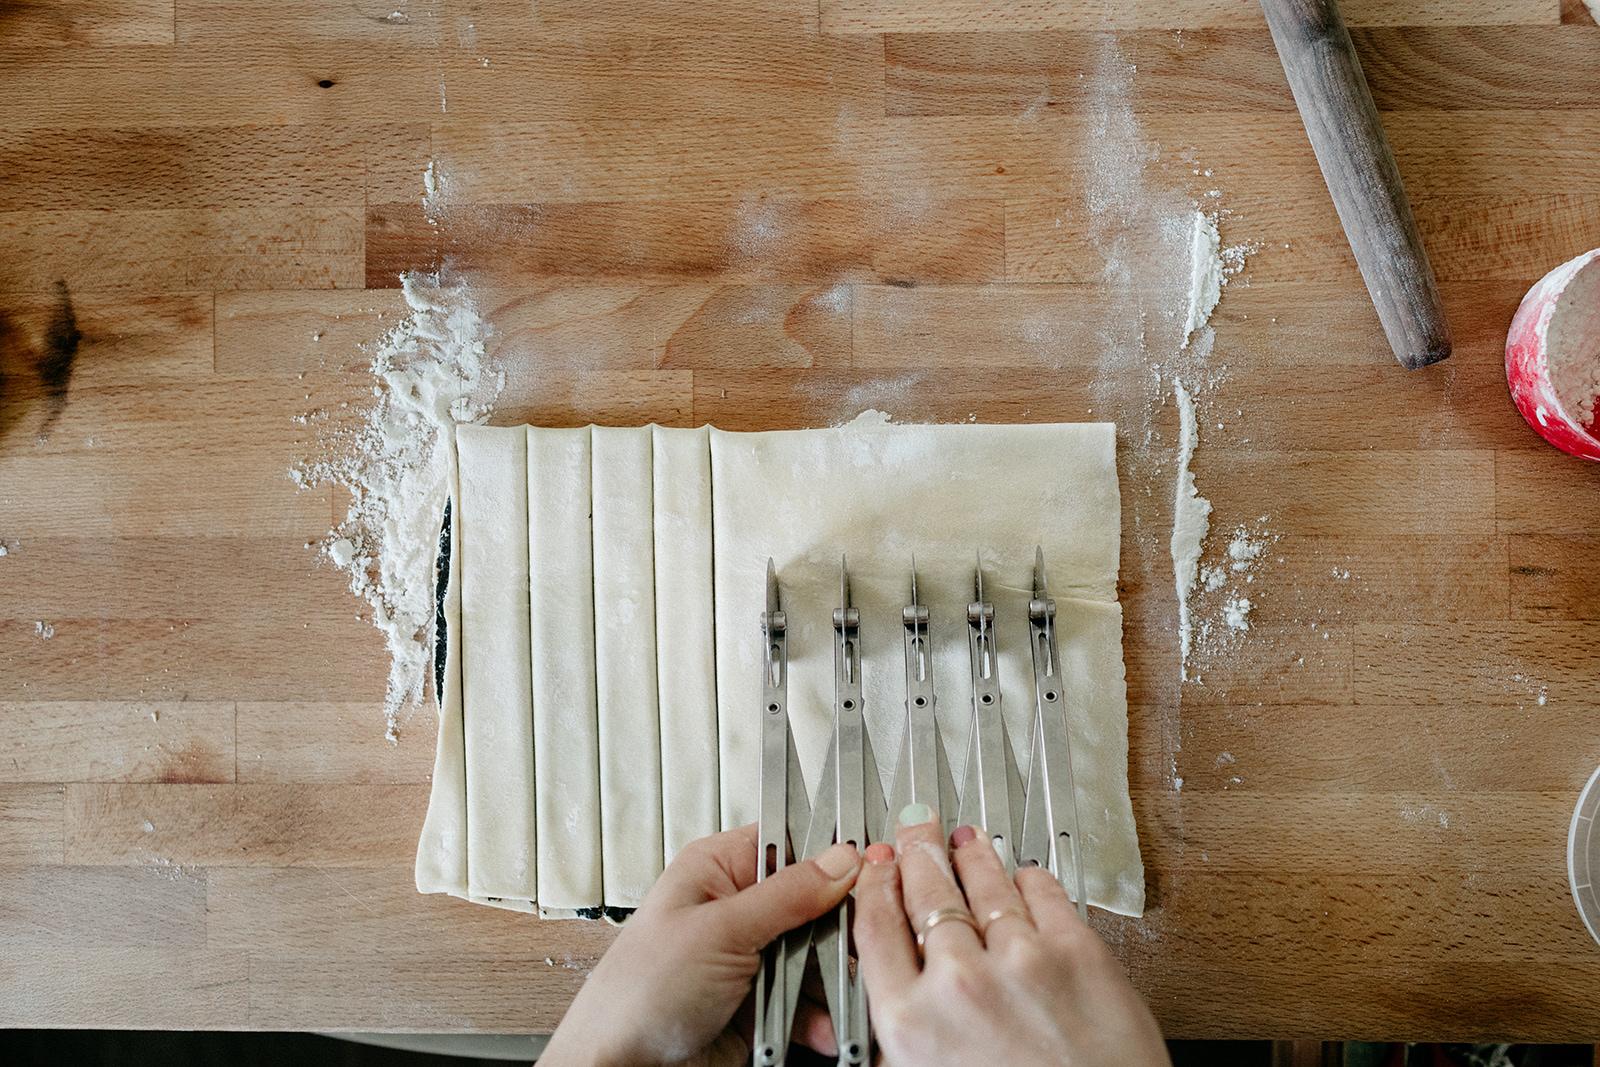 molly-yeh-babka-straws-5.jpg